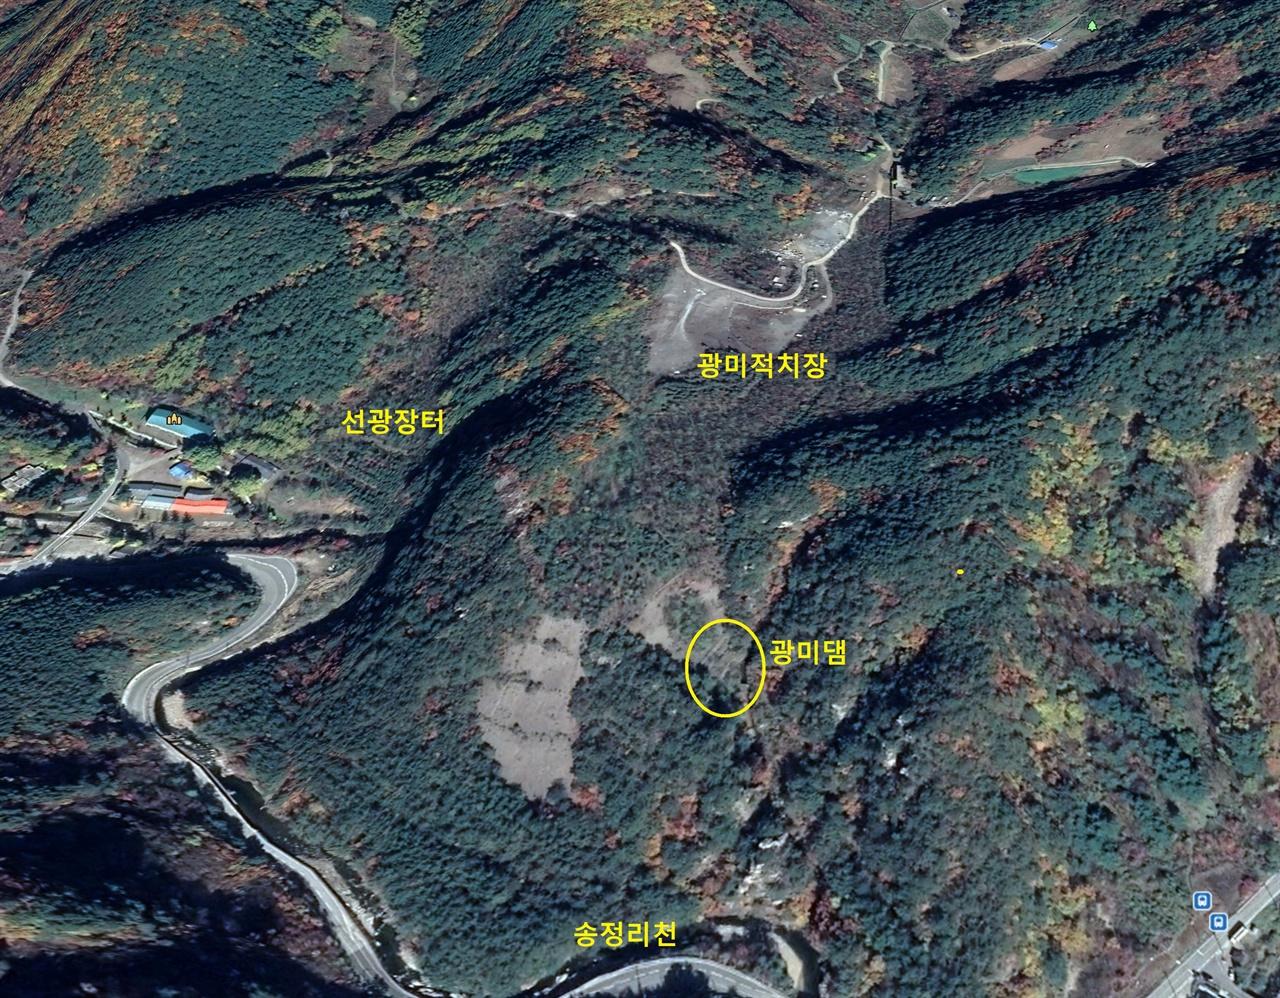 폐광 20년 후인 2018년 10월의 대현리 광미적치장. 광미댐 아래 배수관으로 침출수가 흘러나와 송정리천에 유입된다.